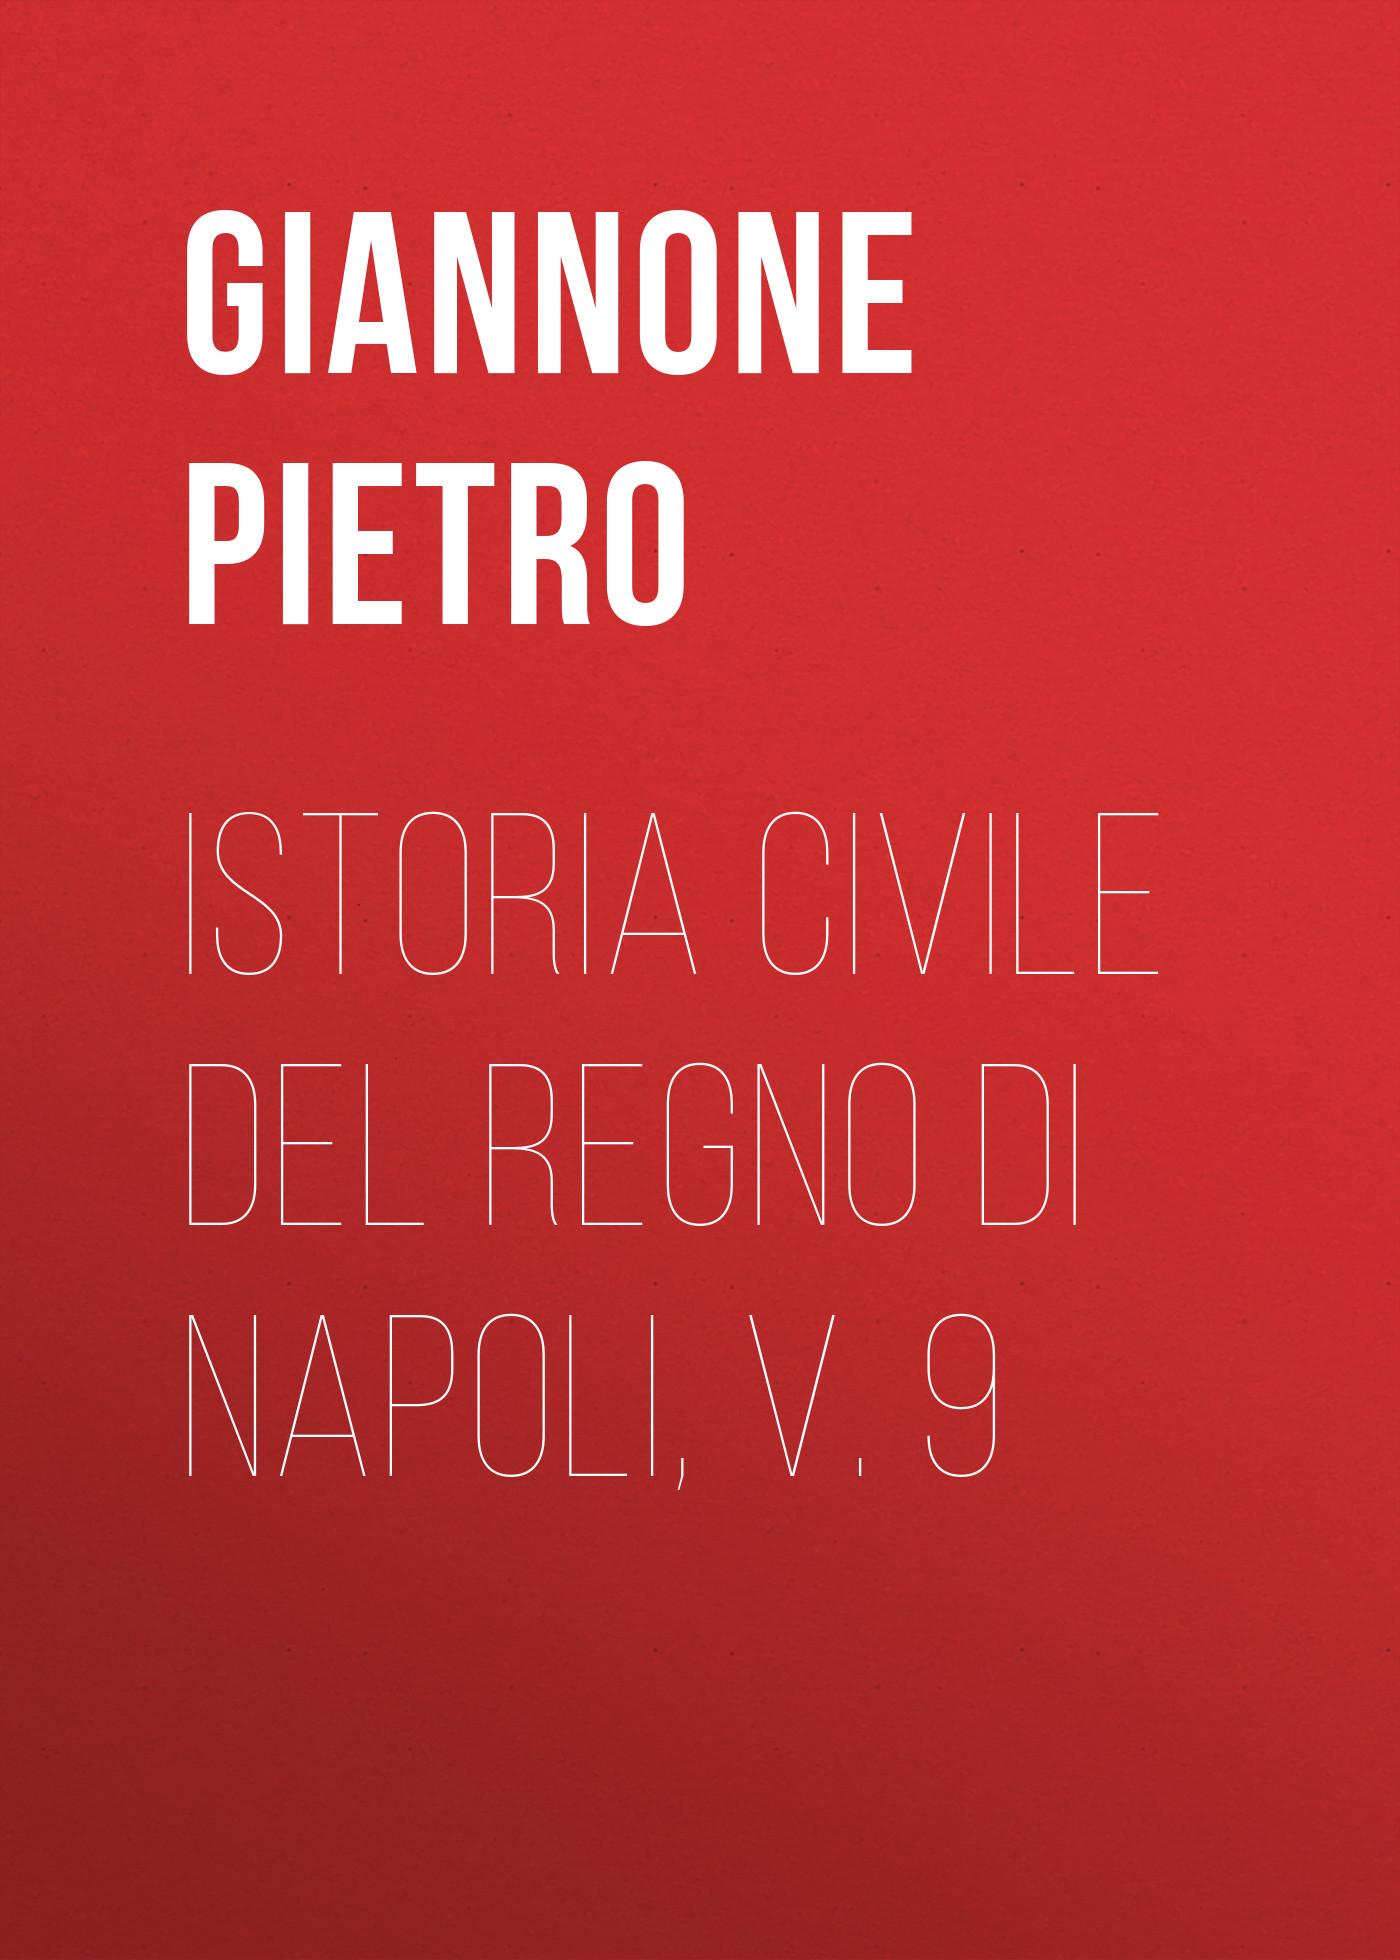 Giannone Pietro Istoria civile del Regno di Napoli, v. 9 lewis goldsmith istoria segreta del gabinetto di buonaparte